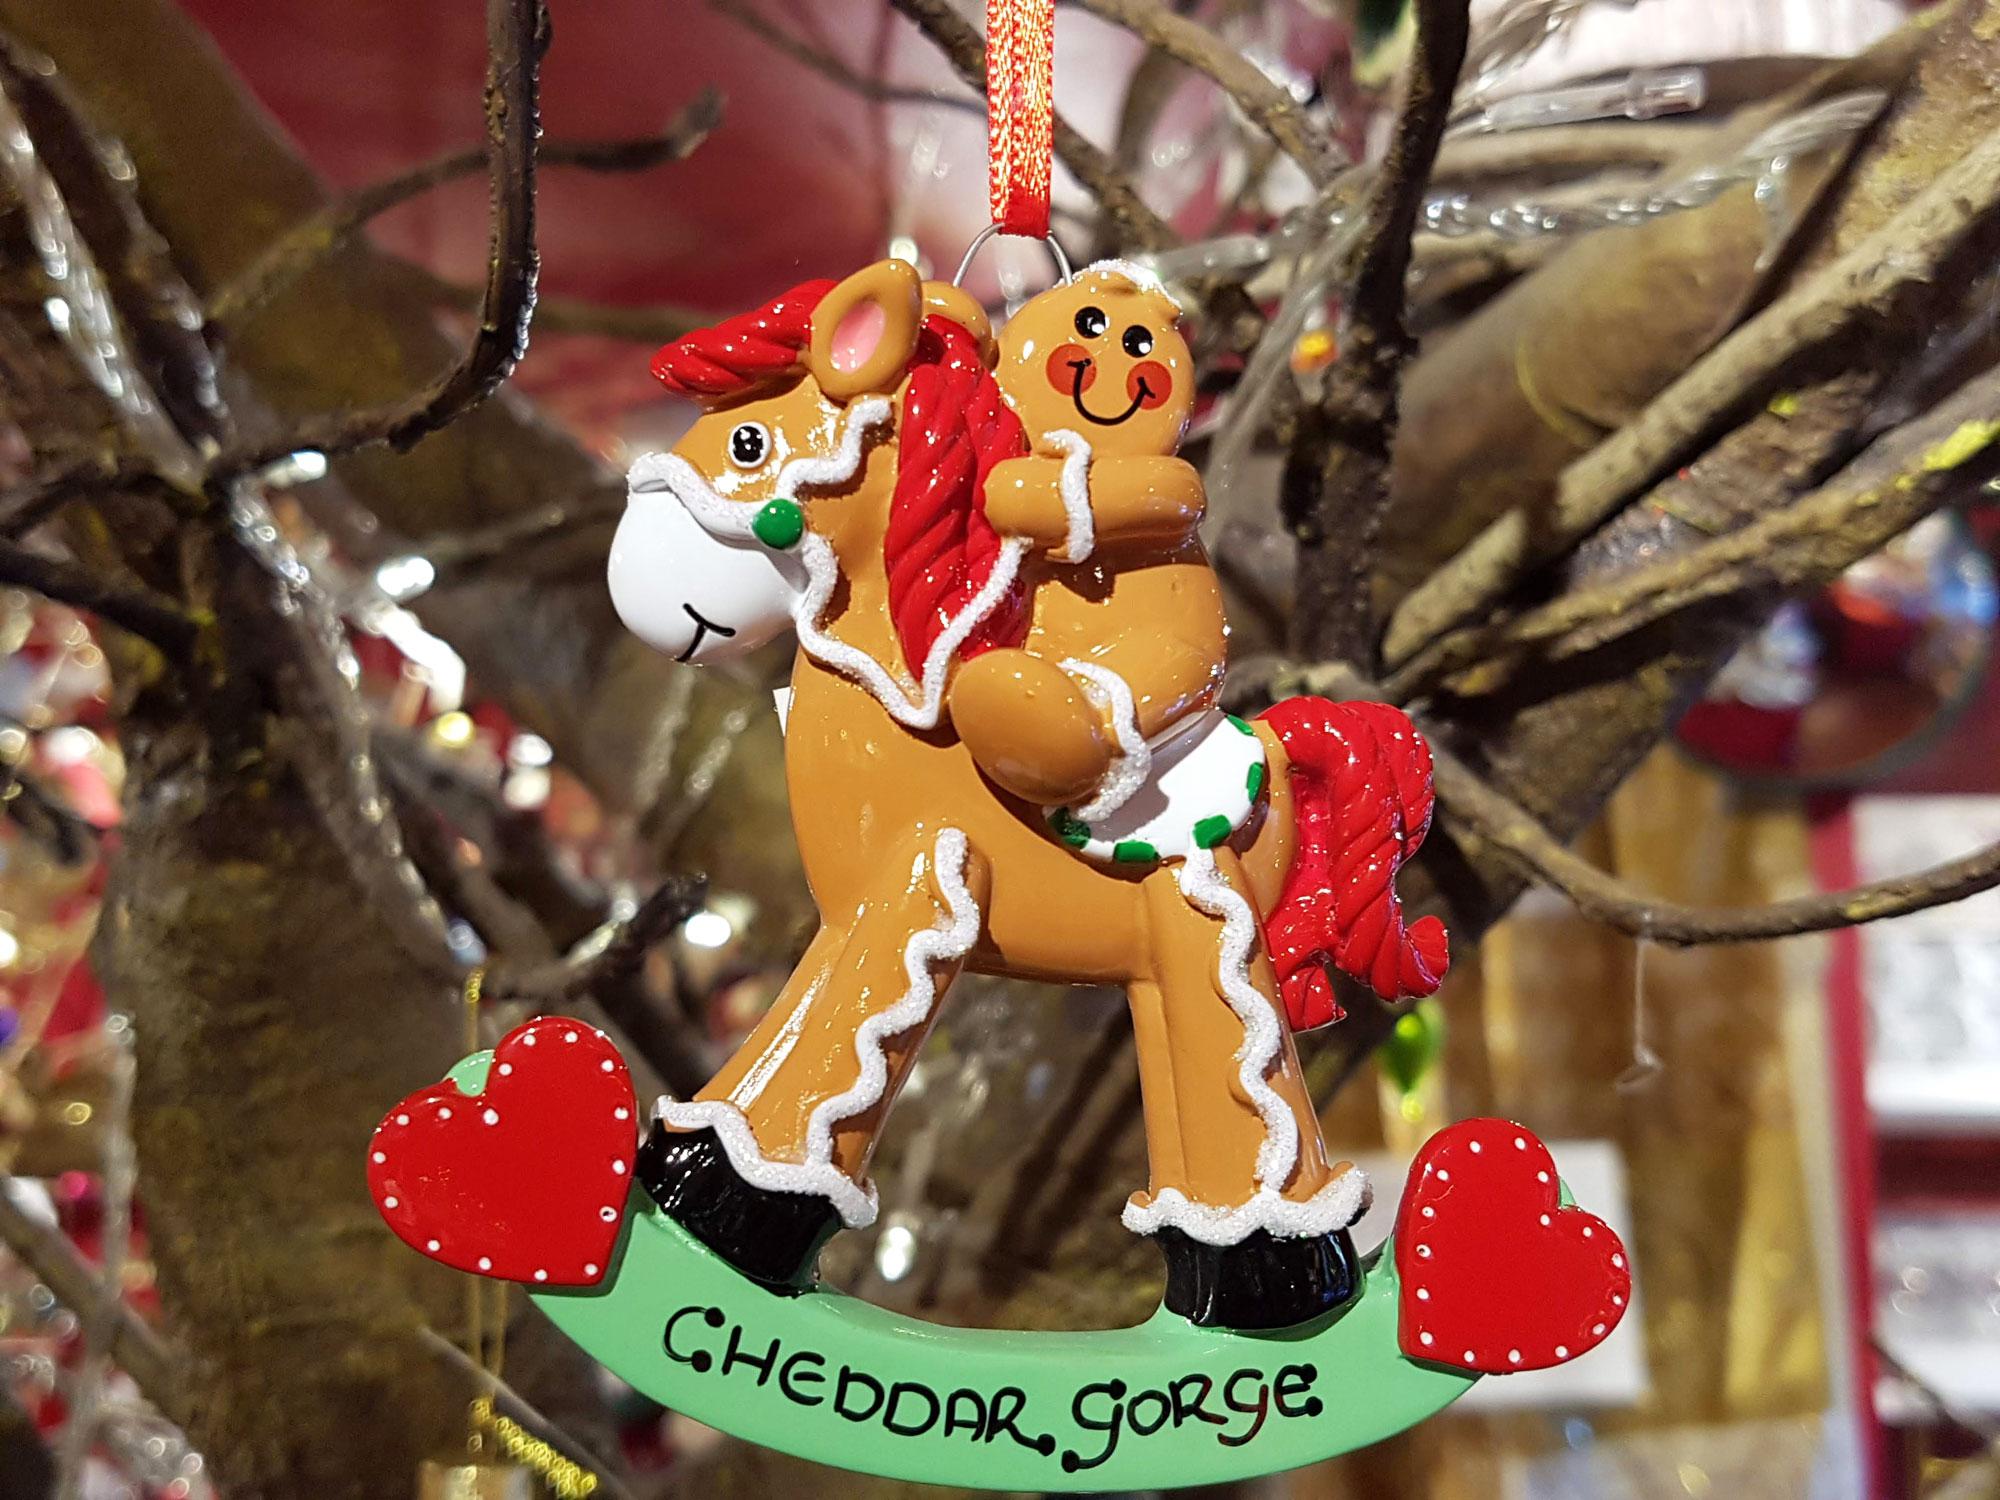 Cheddar Gorge Gingerbread Rocking Horse Hanging Decoration